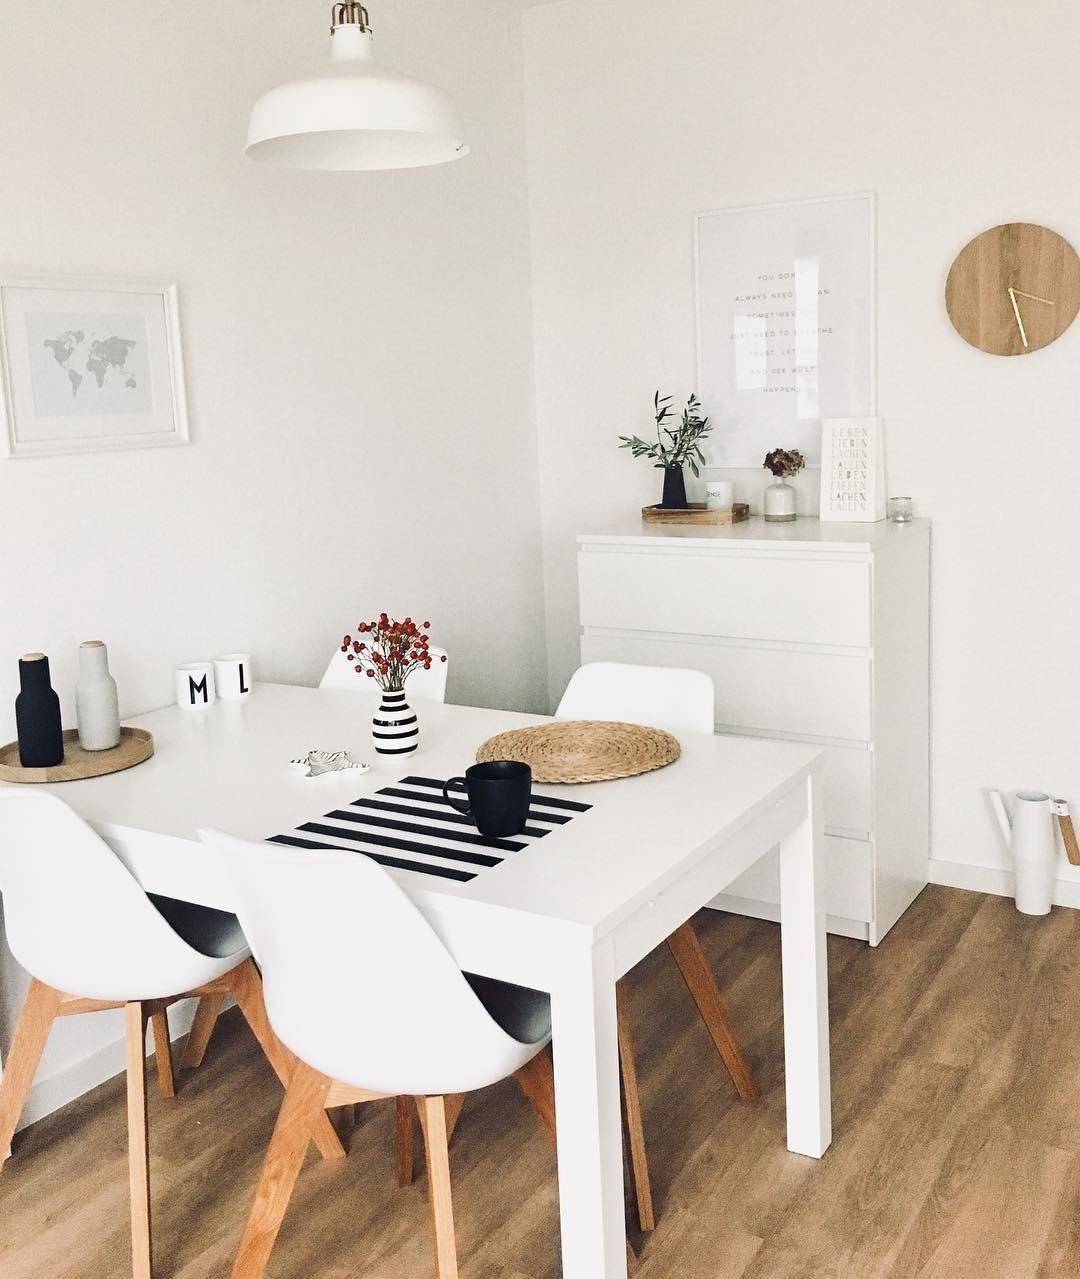 handgefertigte vase omaggio small - Luxus Hausrenovierung Perfektes Wohnzimmer Stuhle Design